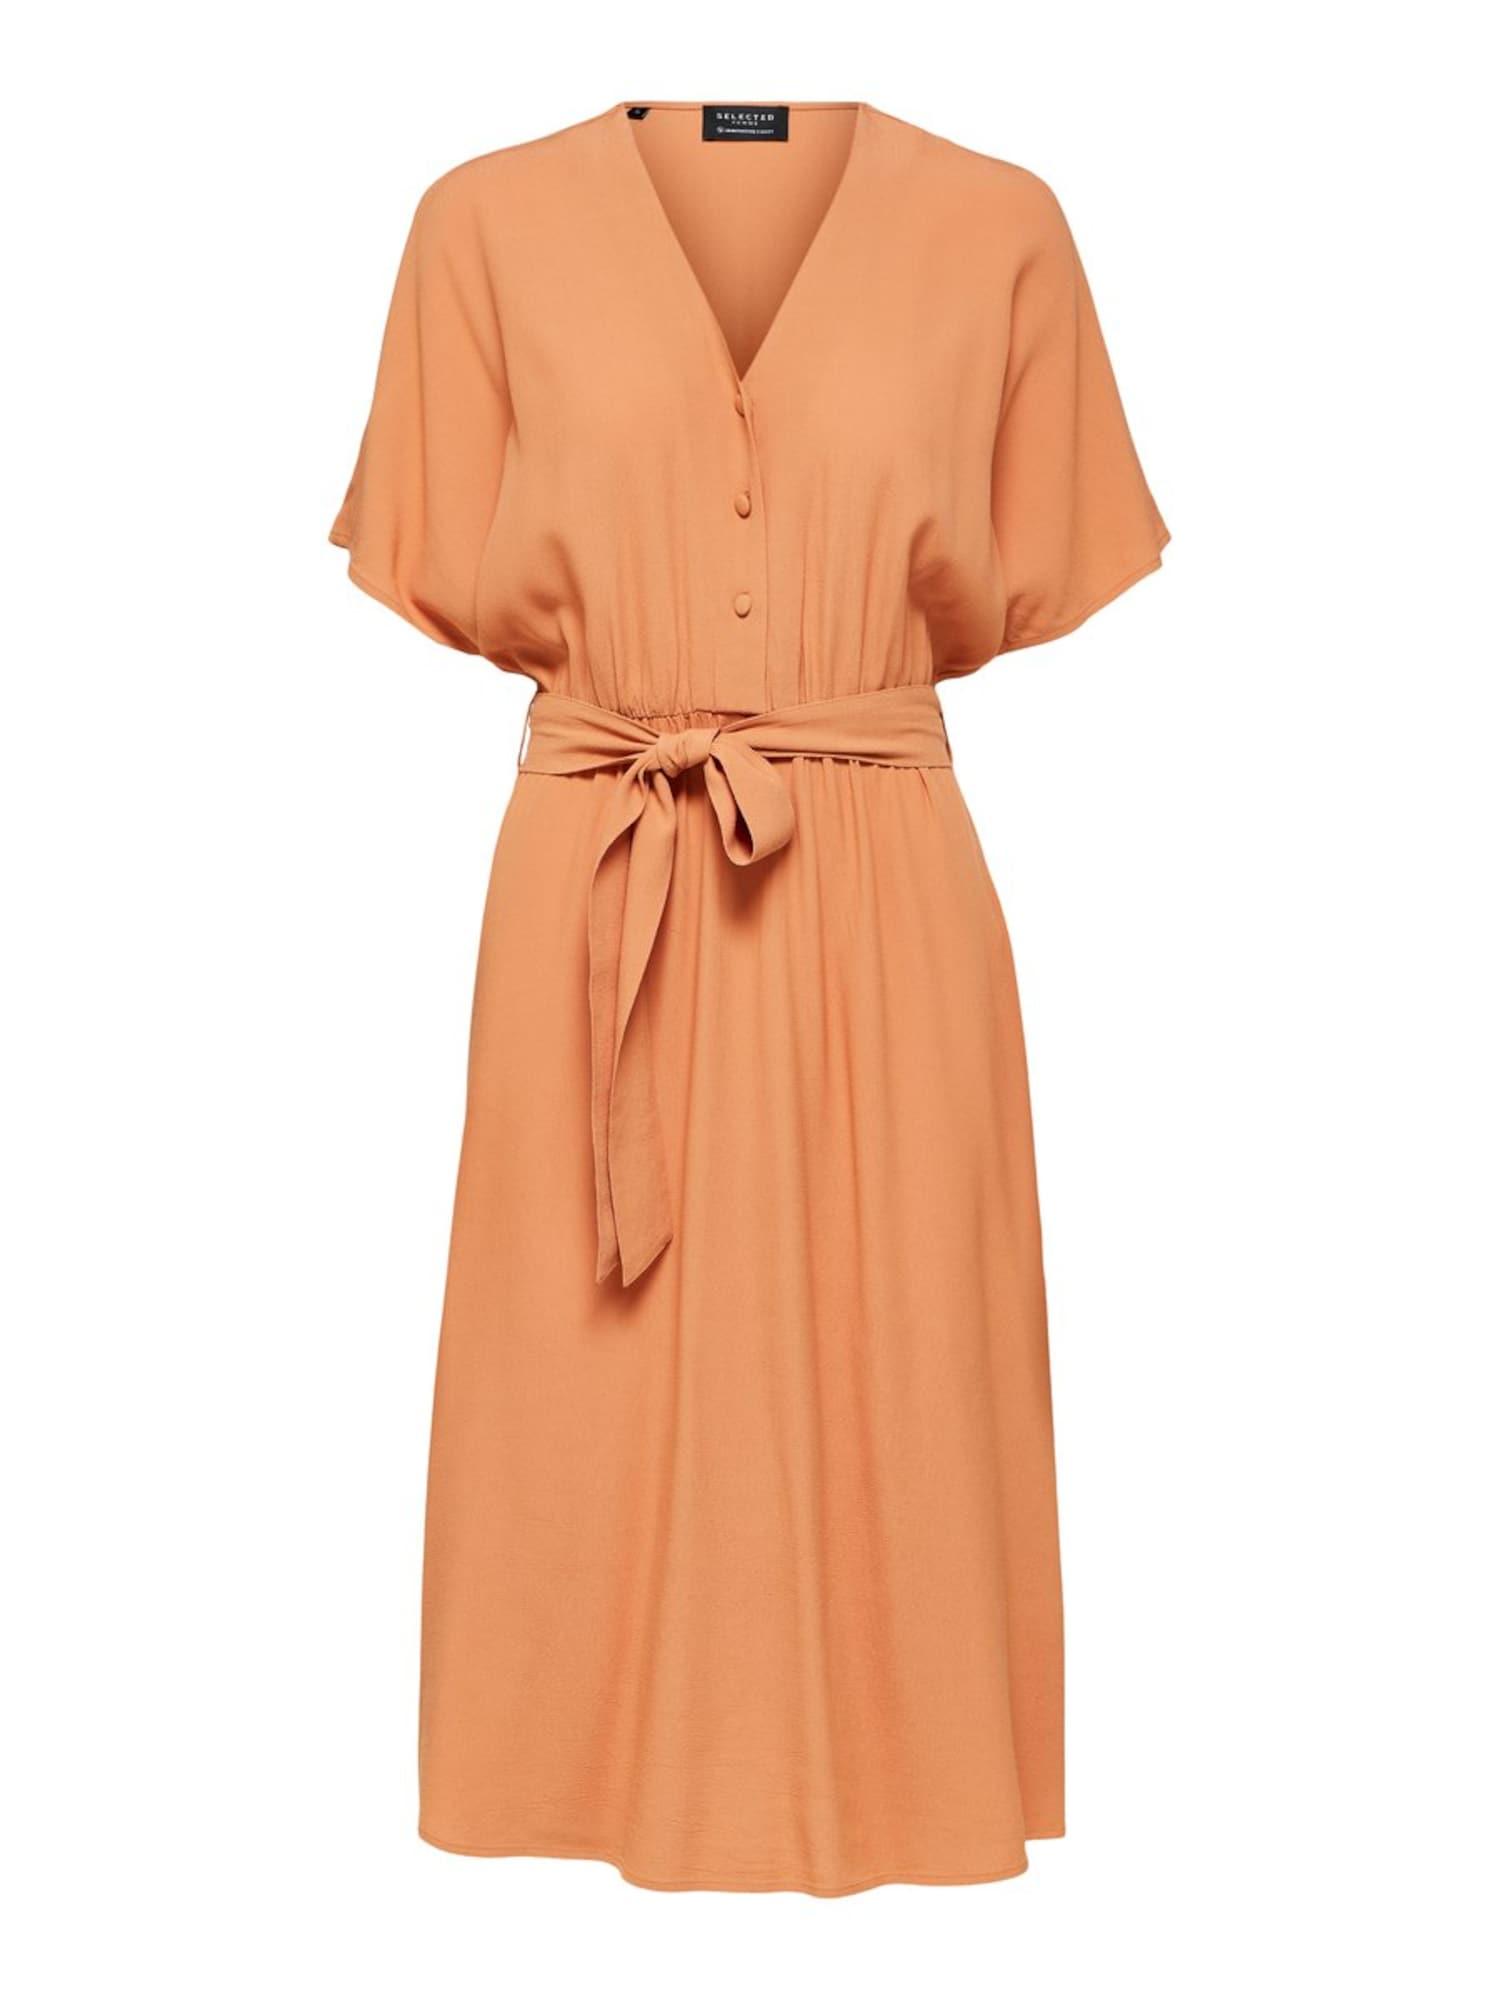 SELECTED FEMME Šaty  oranžová